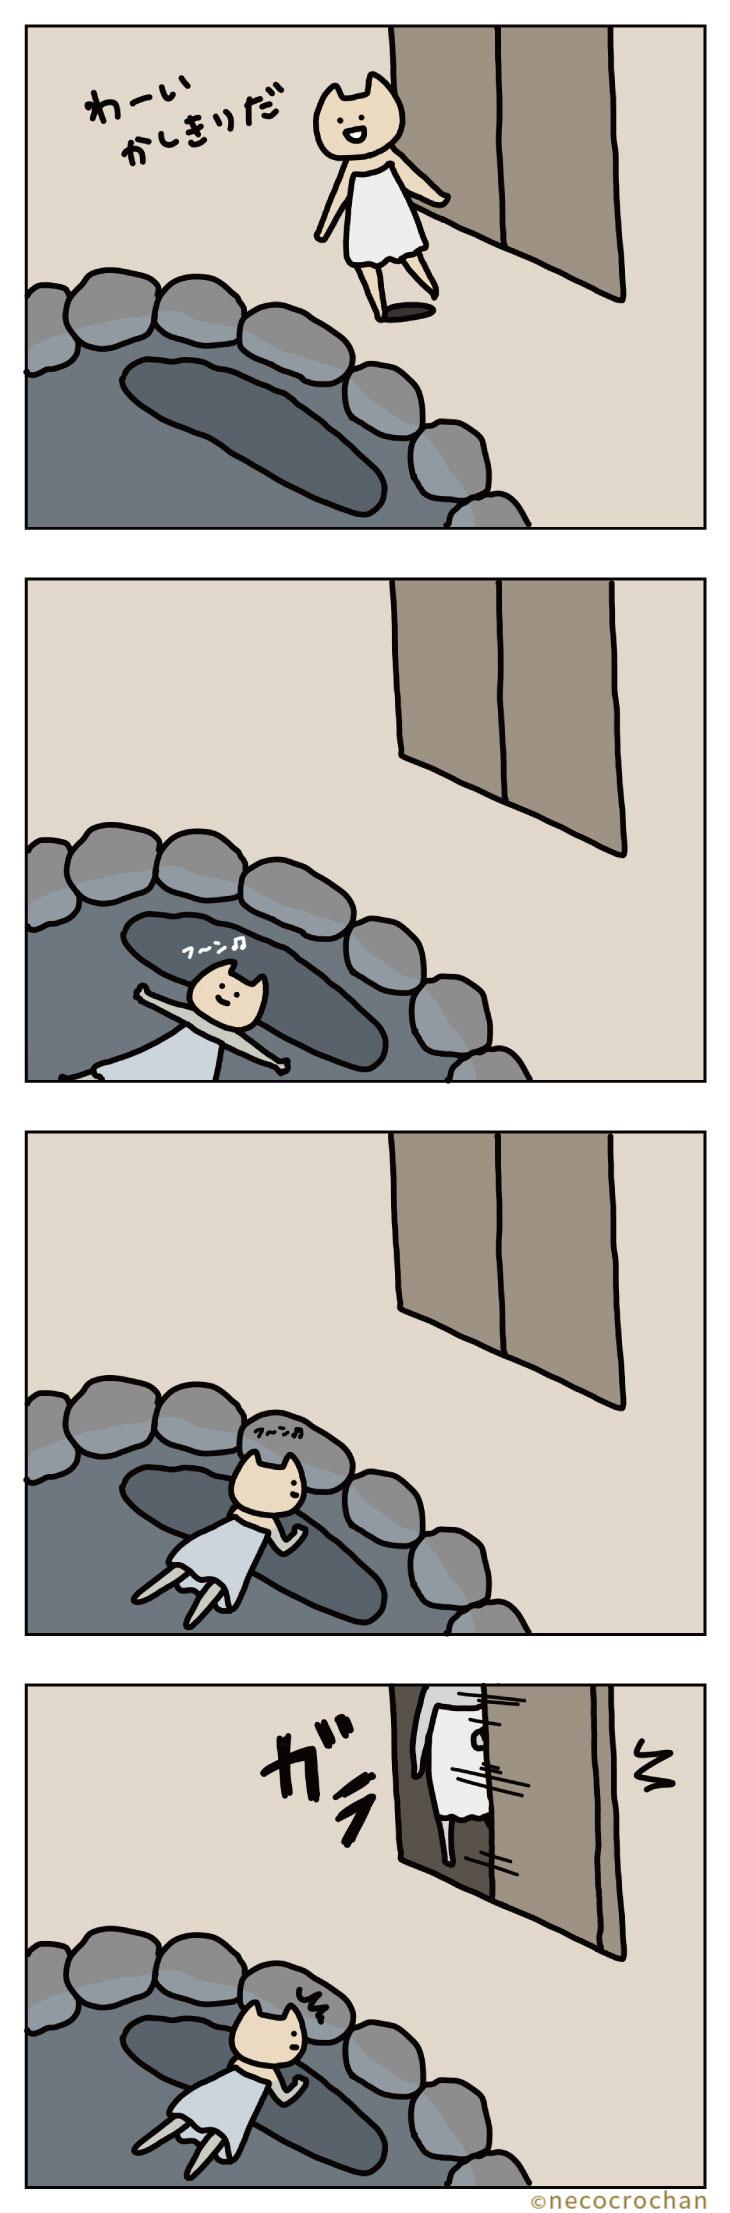 4コマ漫画ねこくろにっき「旅行〜おふろ〜」